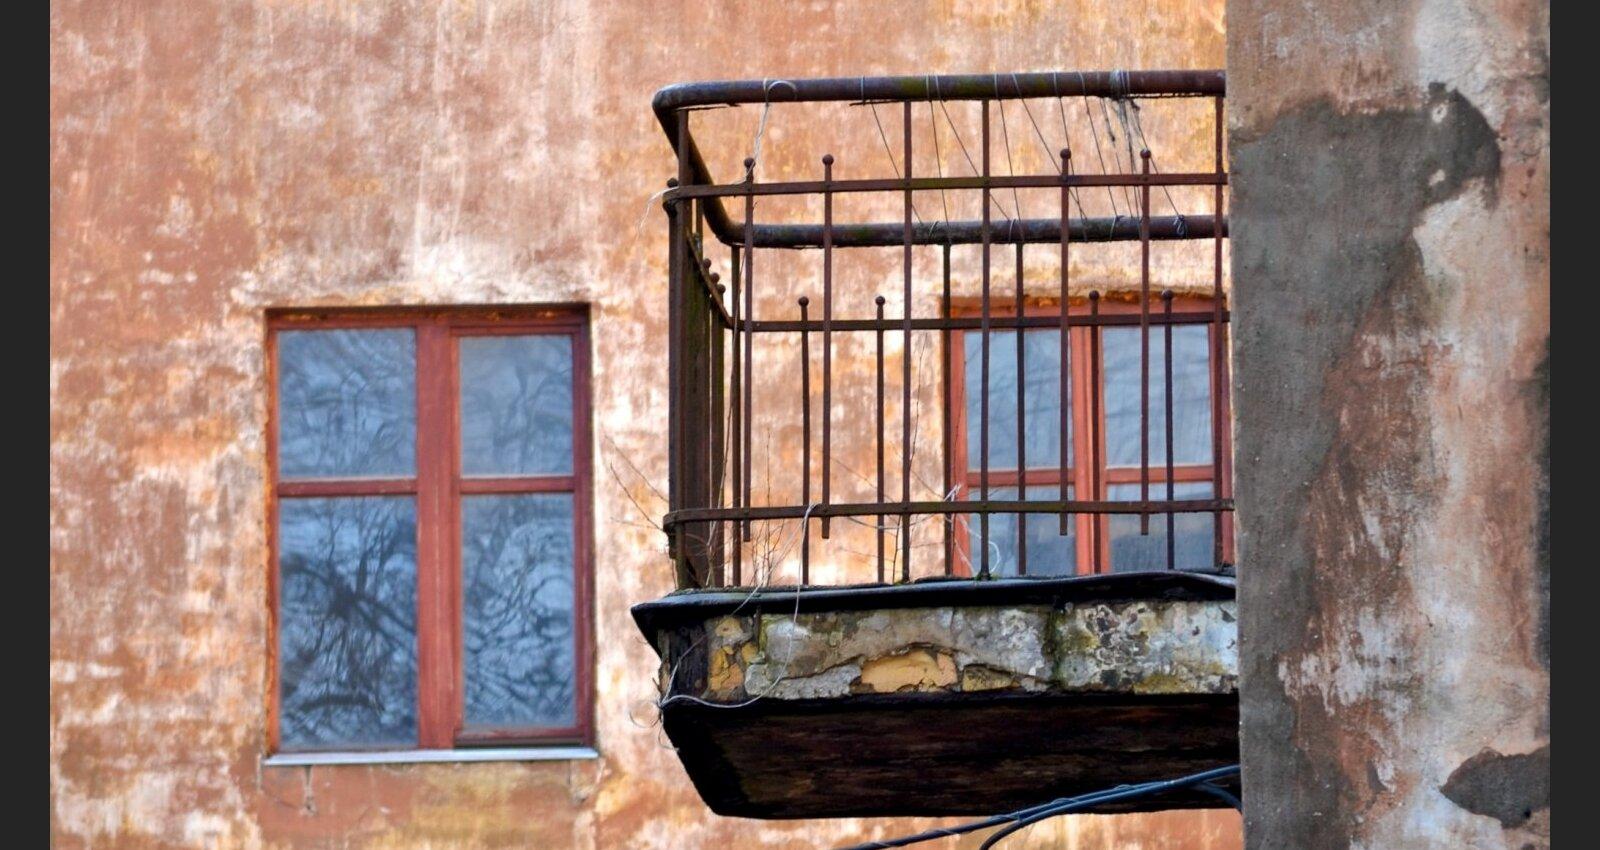 Brūkošie balkoni: cik slikts ir ēku stāvoklis un vai īpašnieks drīkst remontēt